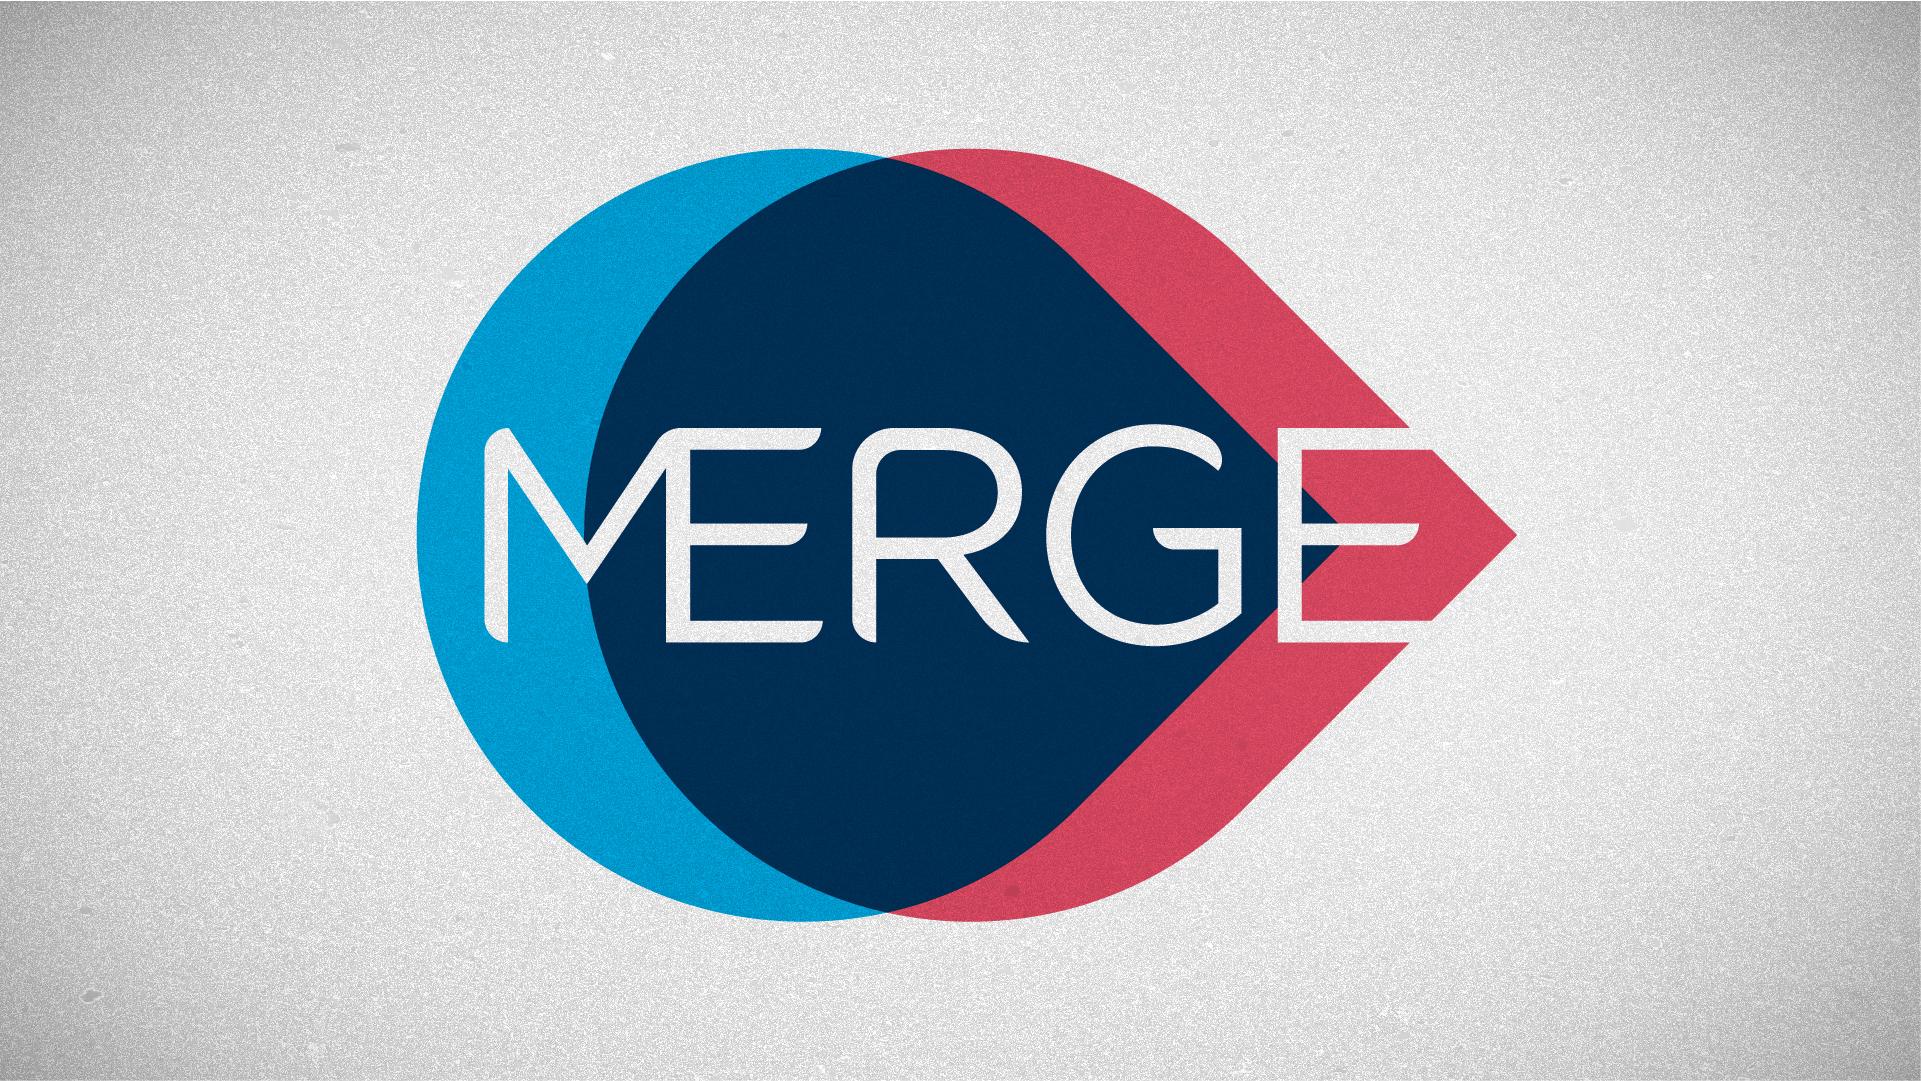 Merge graphics 02